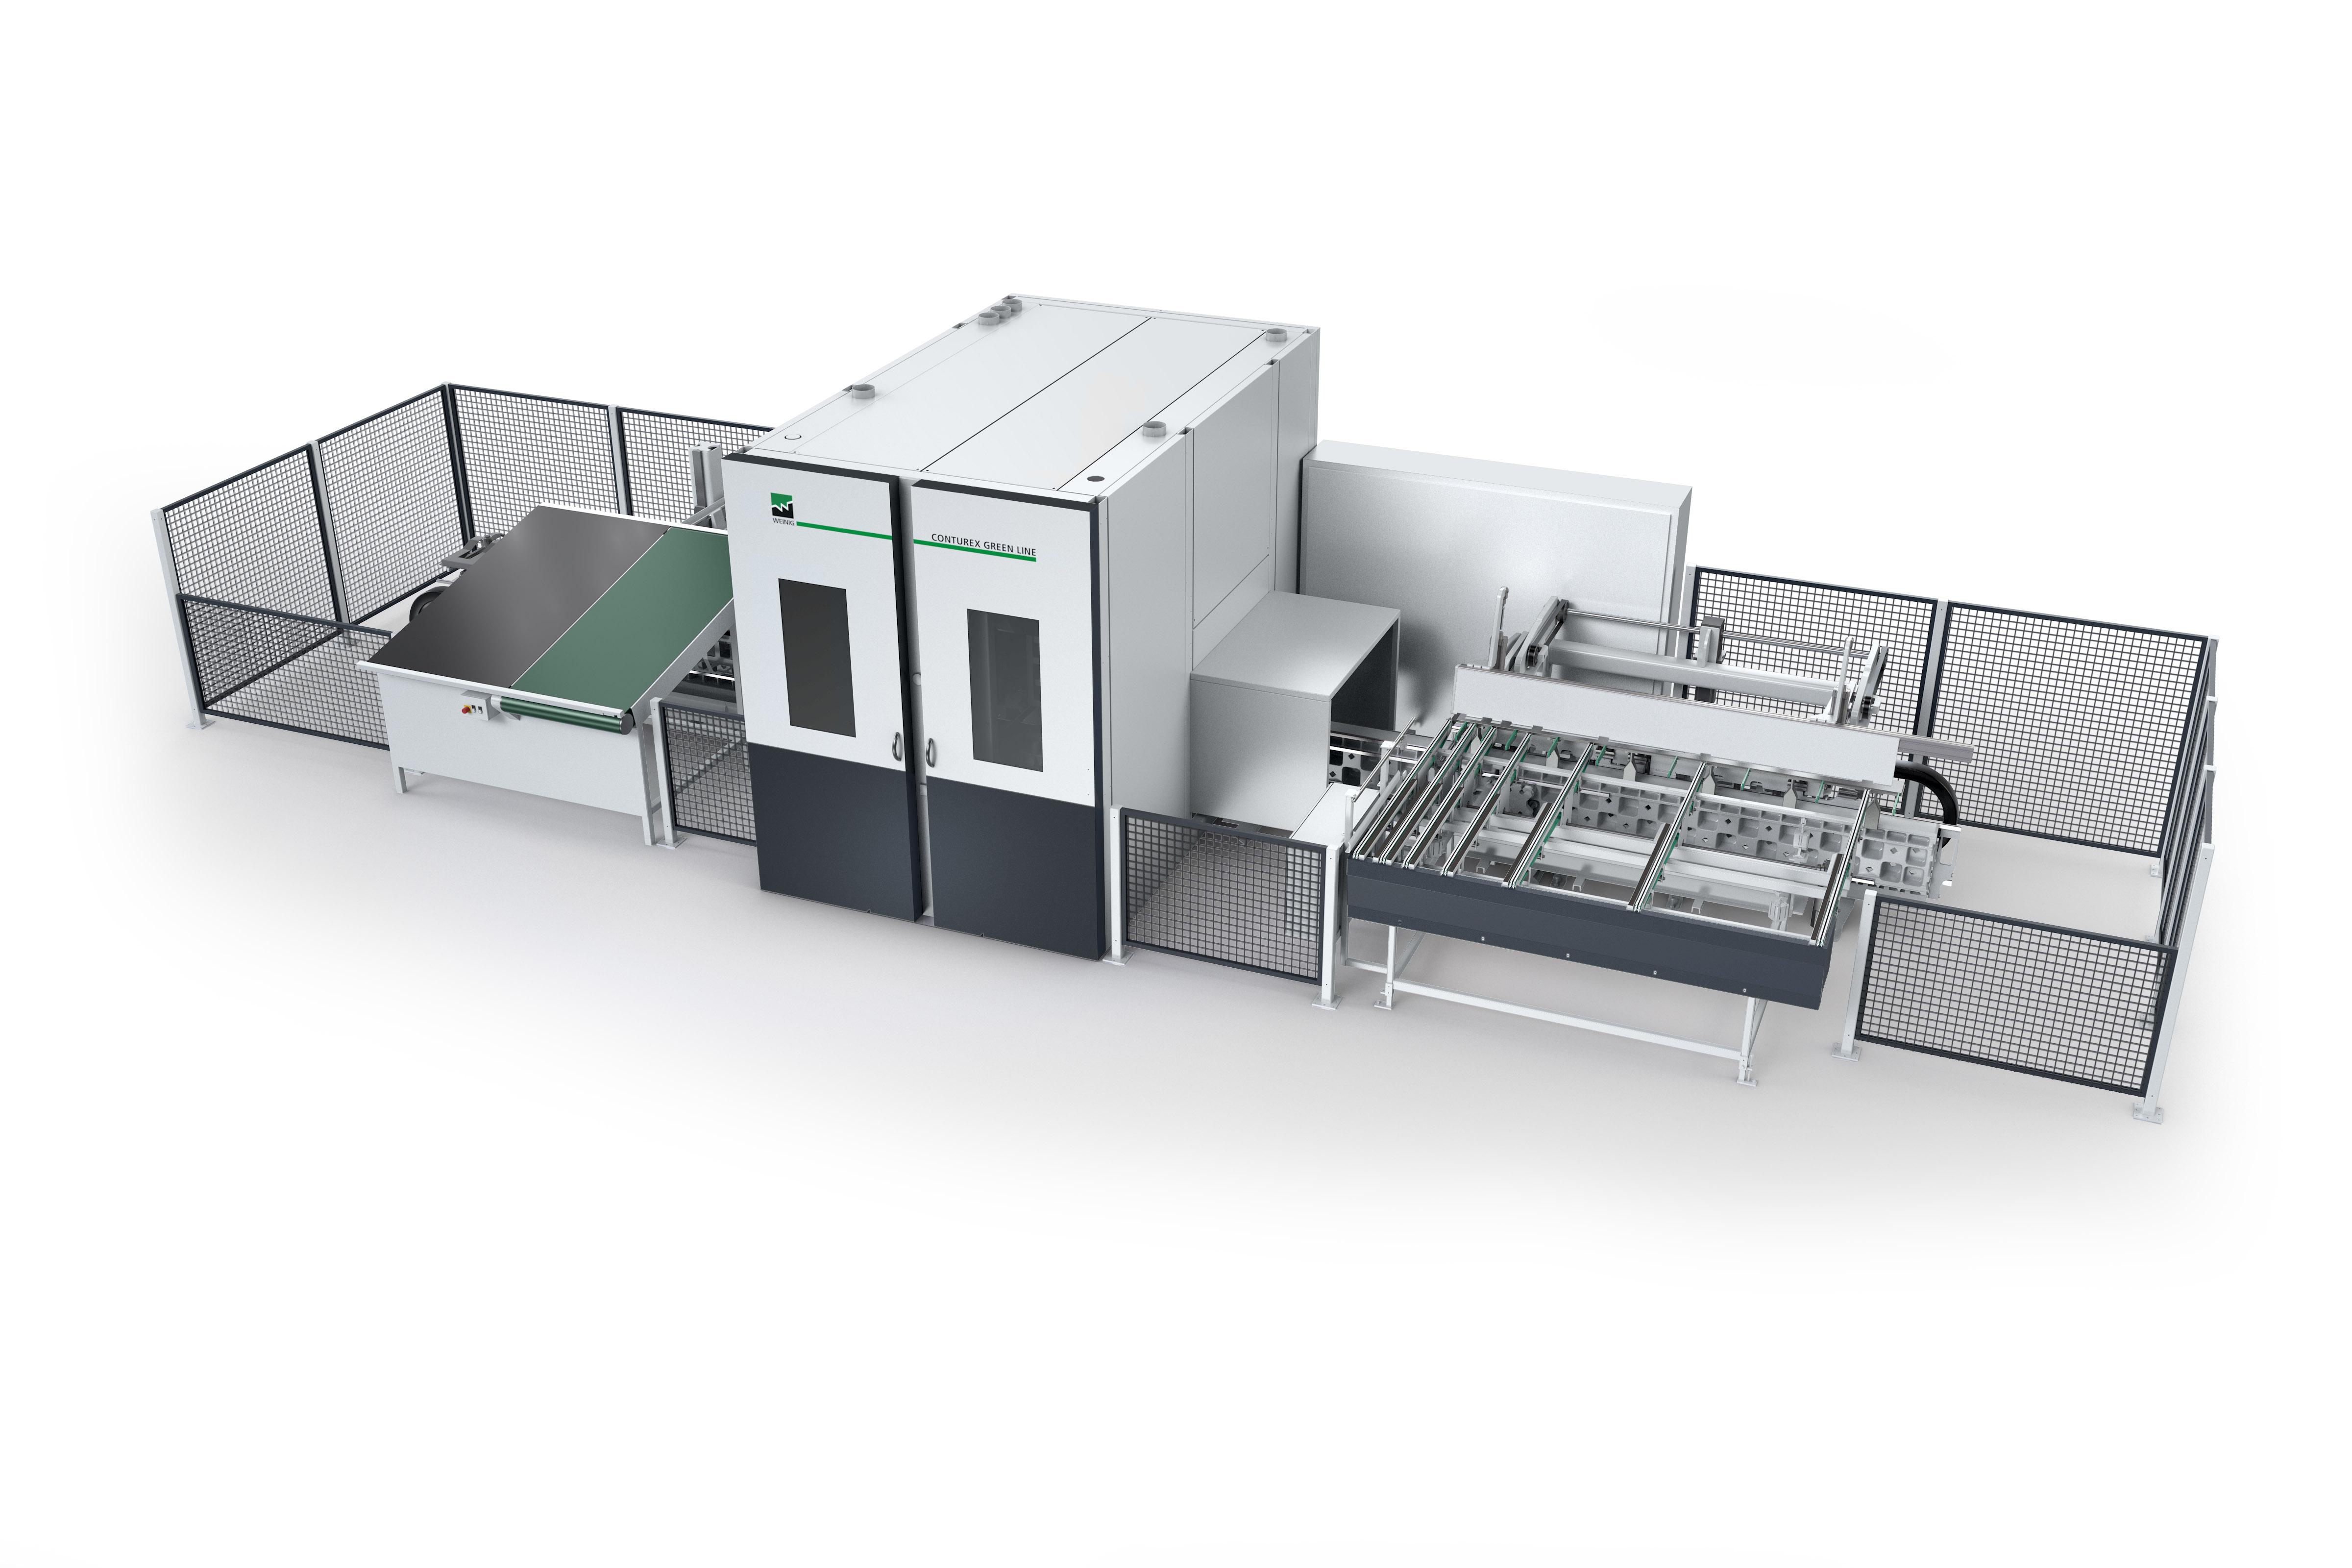 Weinig Conturex Greenline / Greenline Plus CNC-bewerkingscentrum